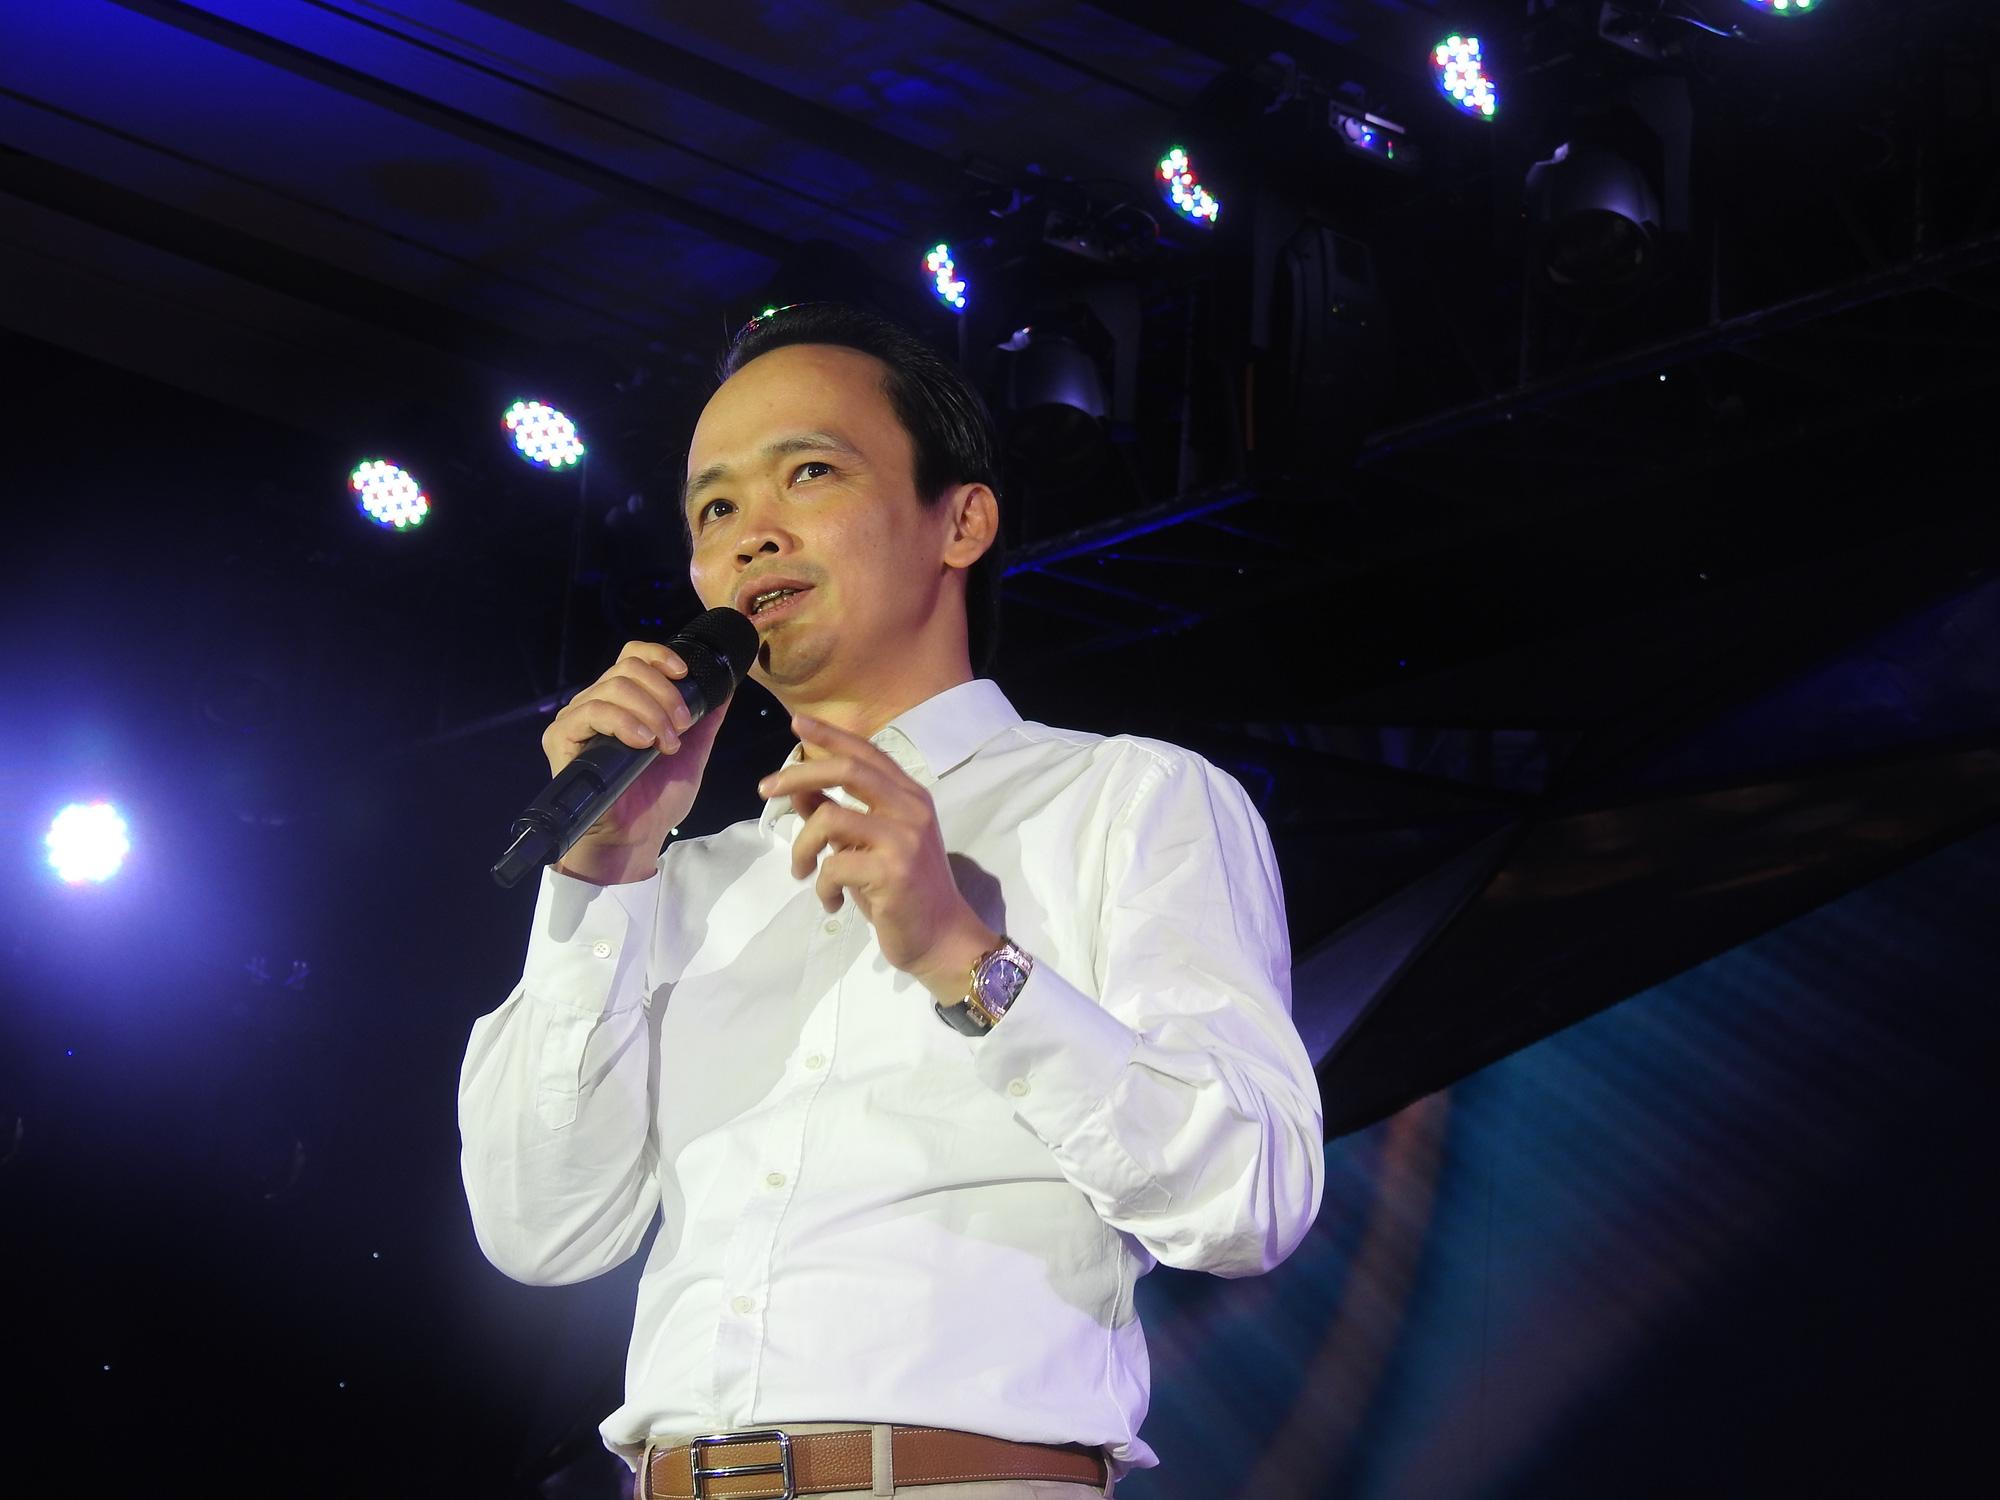 Ông Trịnh Văn Quyết chi trăm tỉ đồng mua hơn 580.000 cổ phiếu GAB - Ảnh 1.